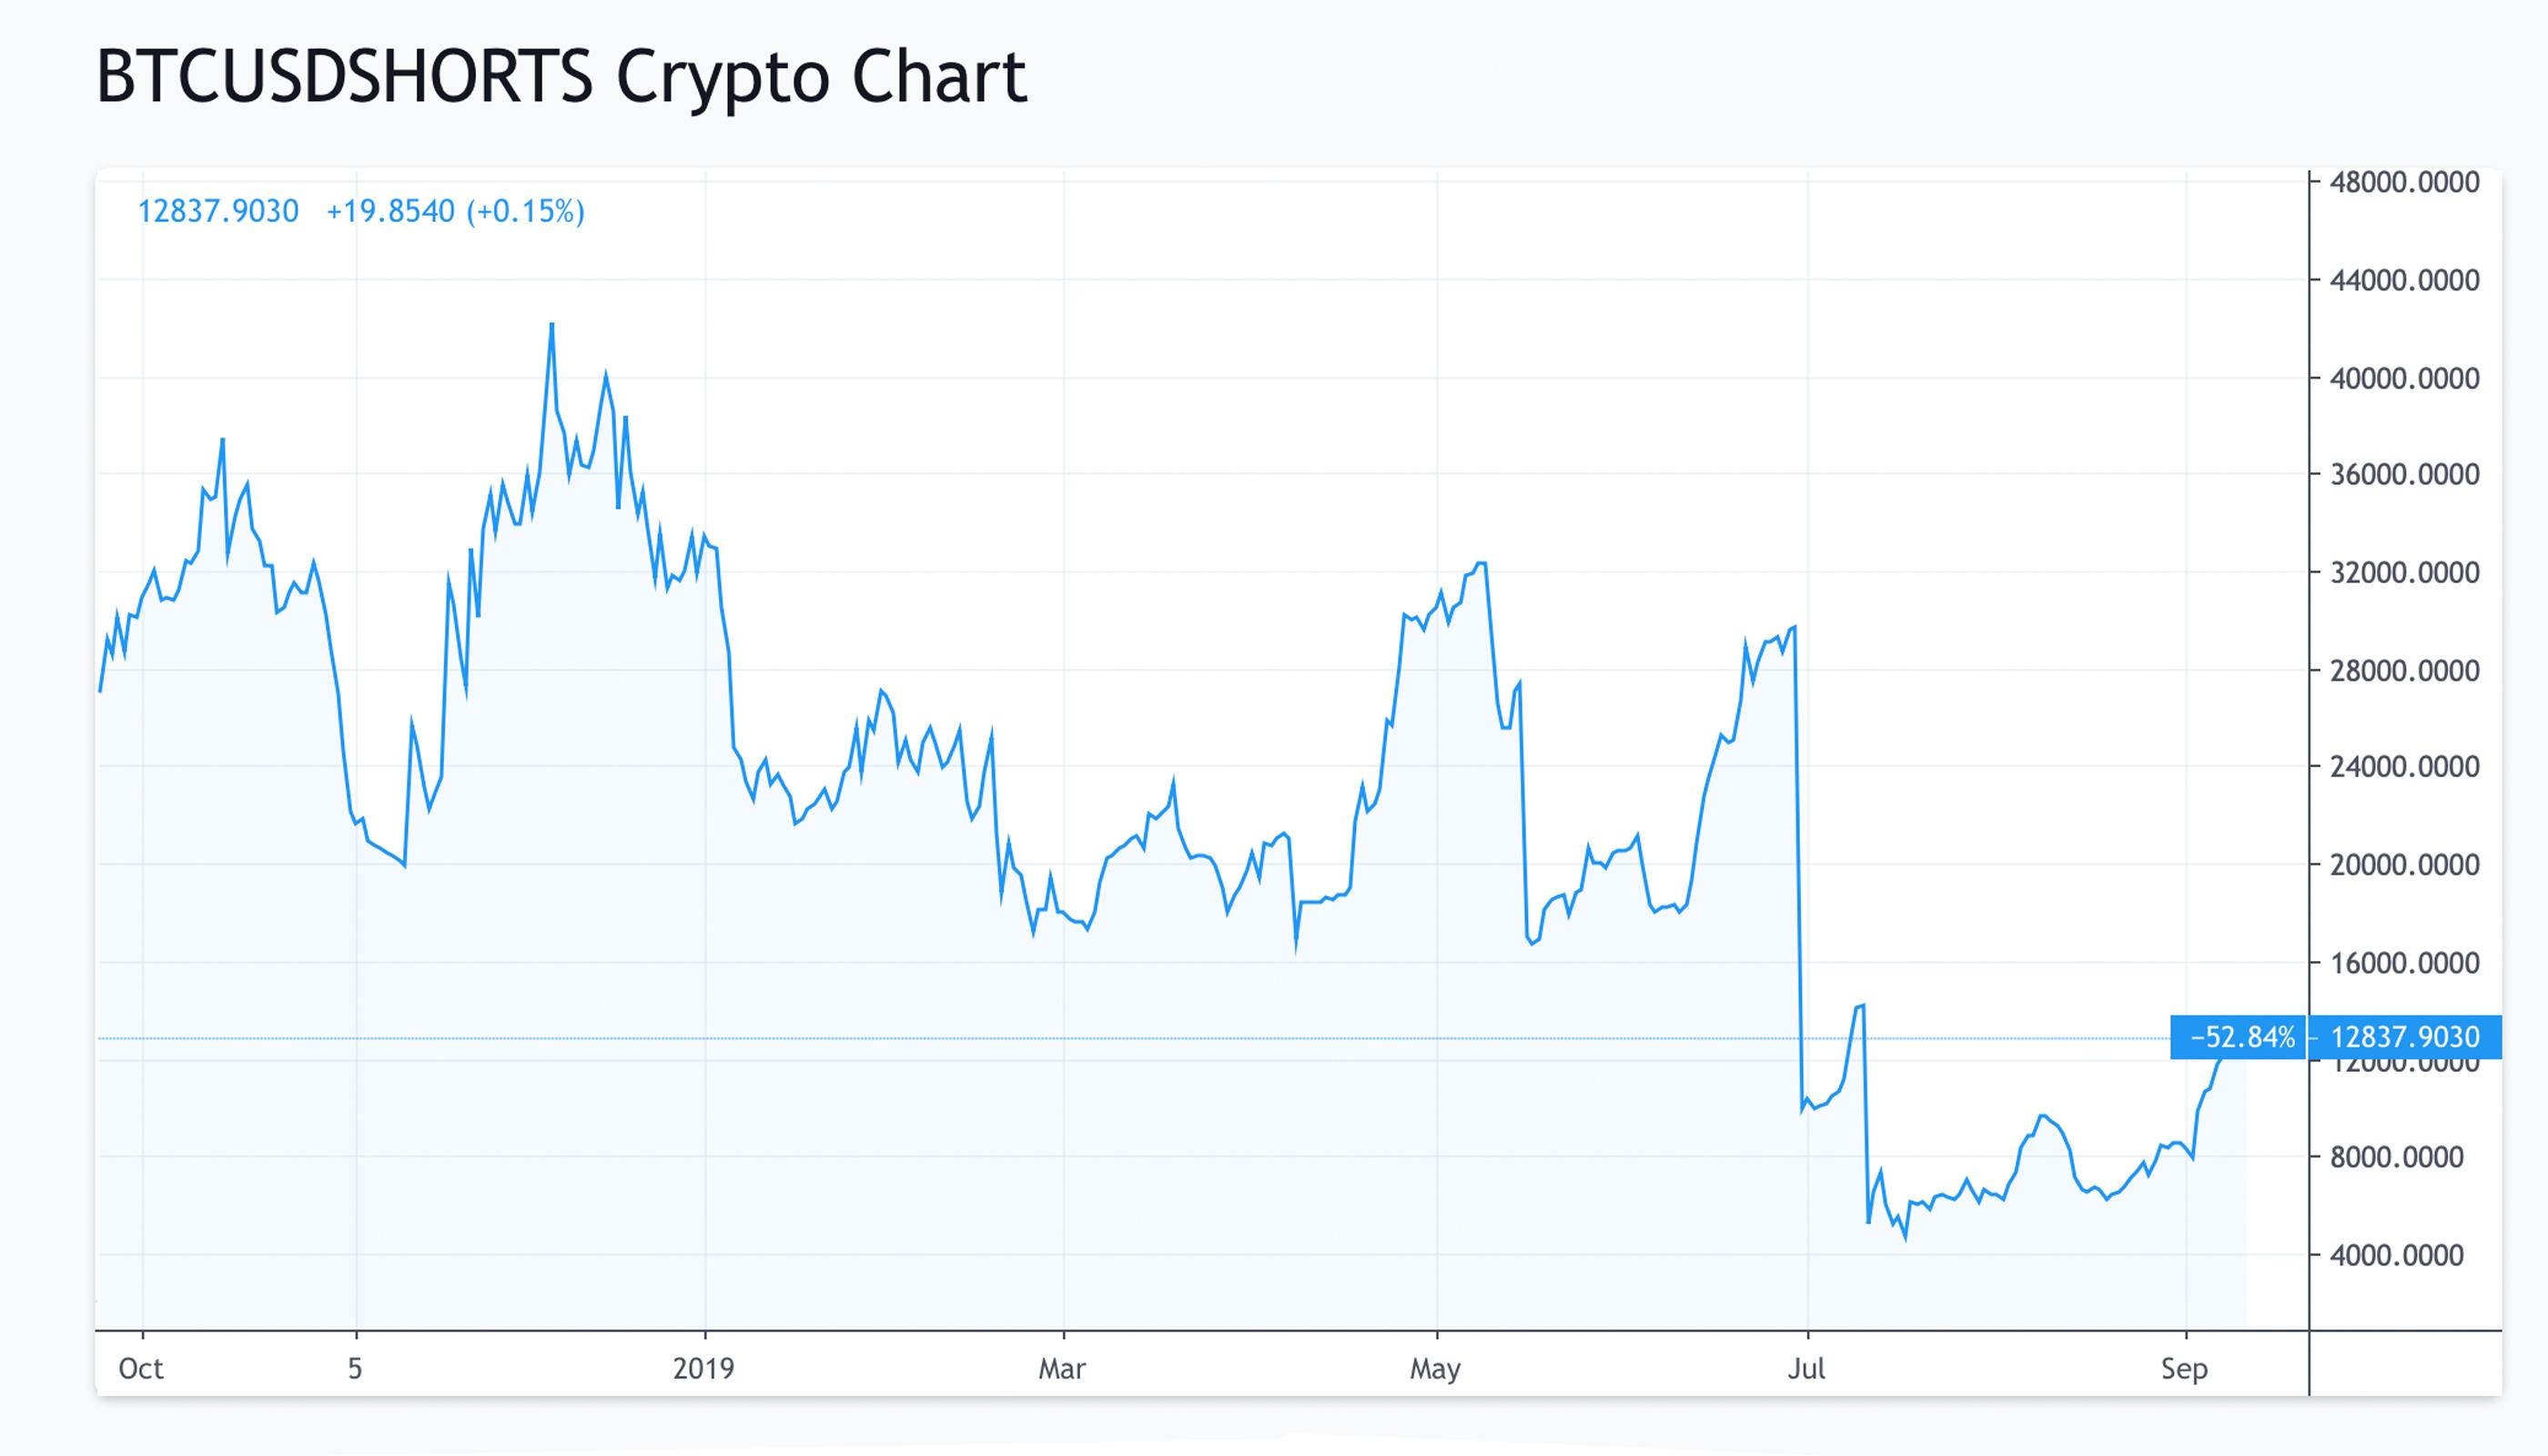 prospettive di mercato lincertezza si costruisce con i volumi del thin trade e il lancio di futures su bitcoin bitcoin news 4 - Il lancio di futures su Bitcoin potrà risollevare il tragico mercato delle Cryptovalute?